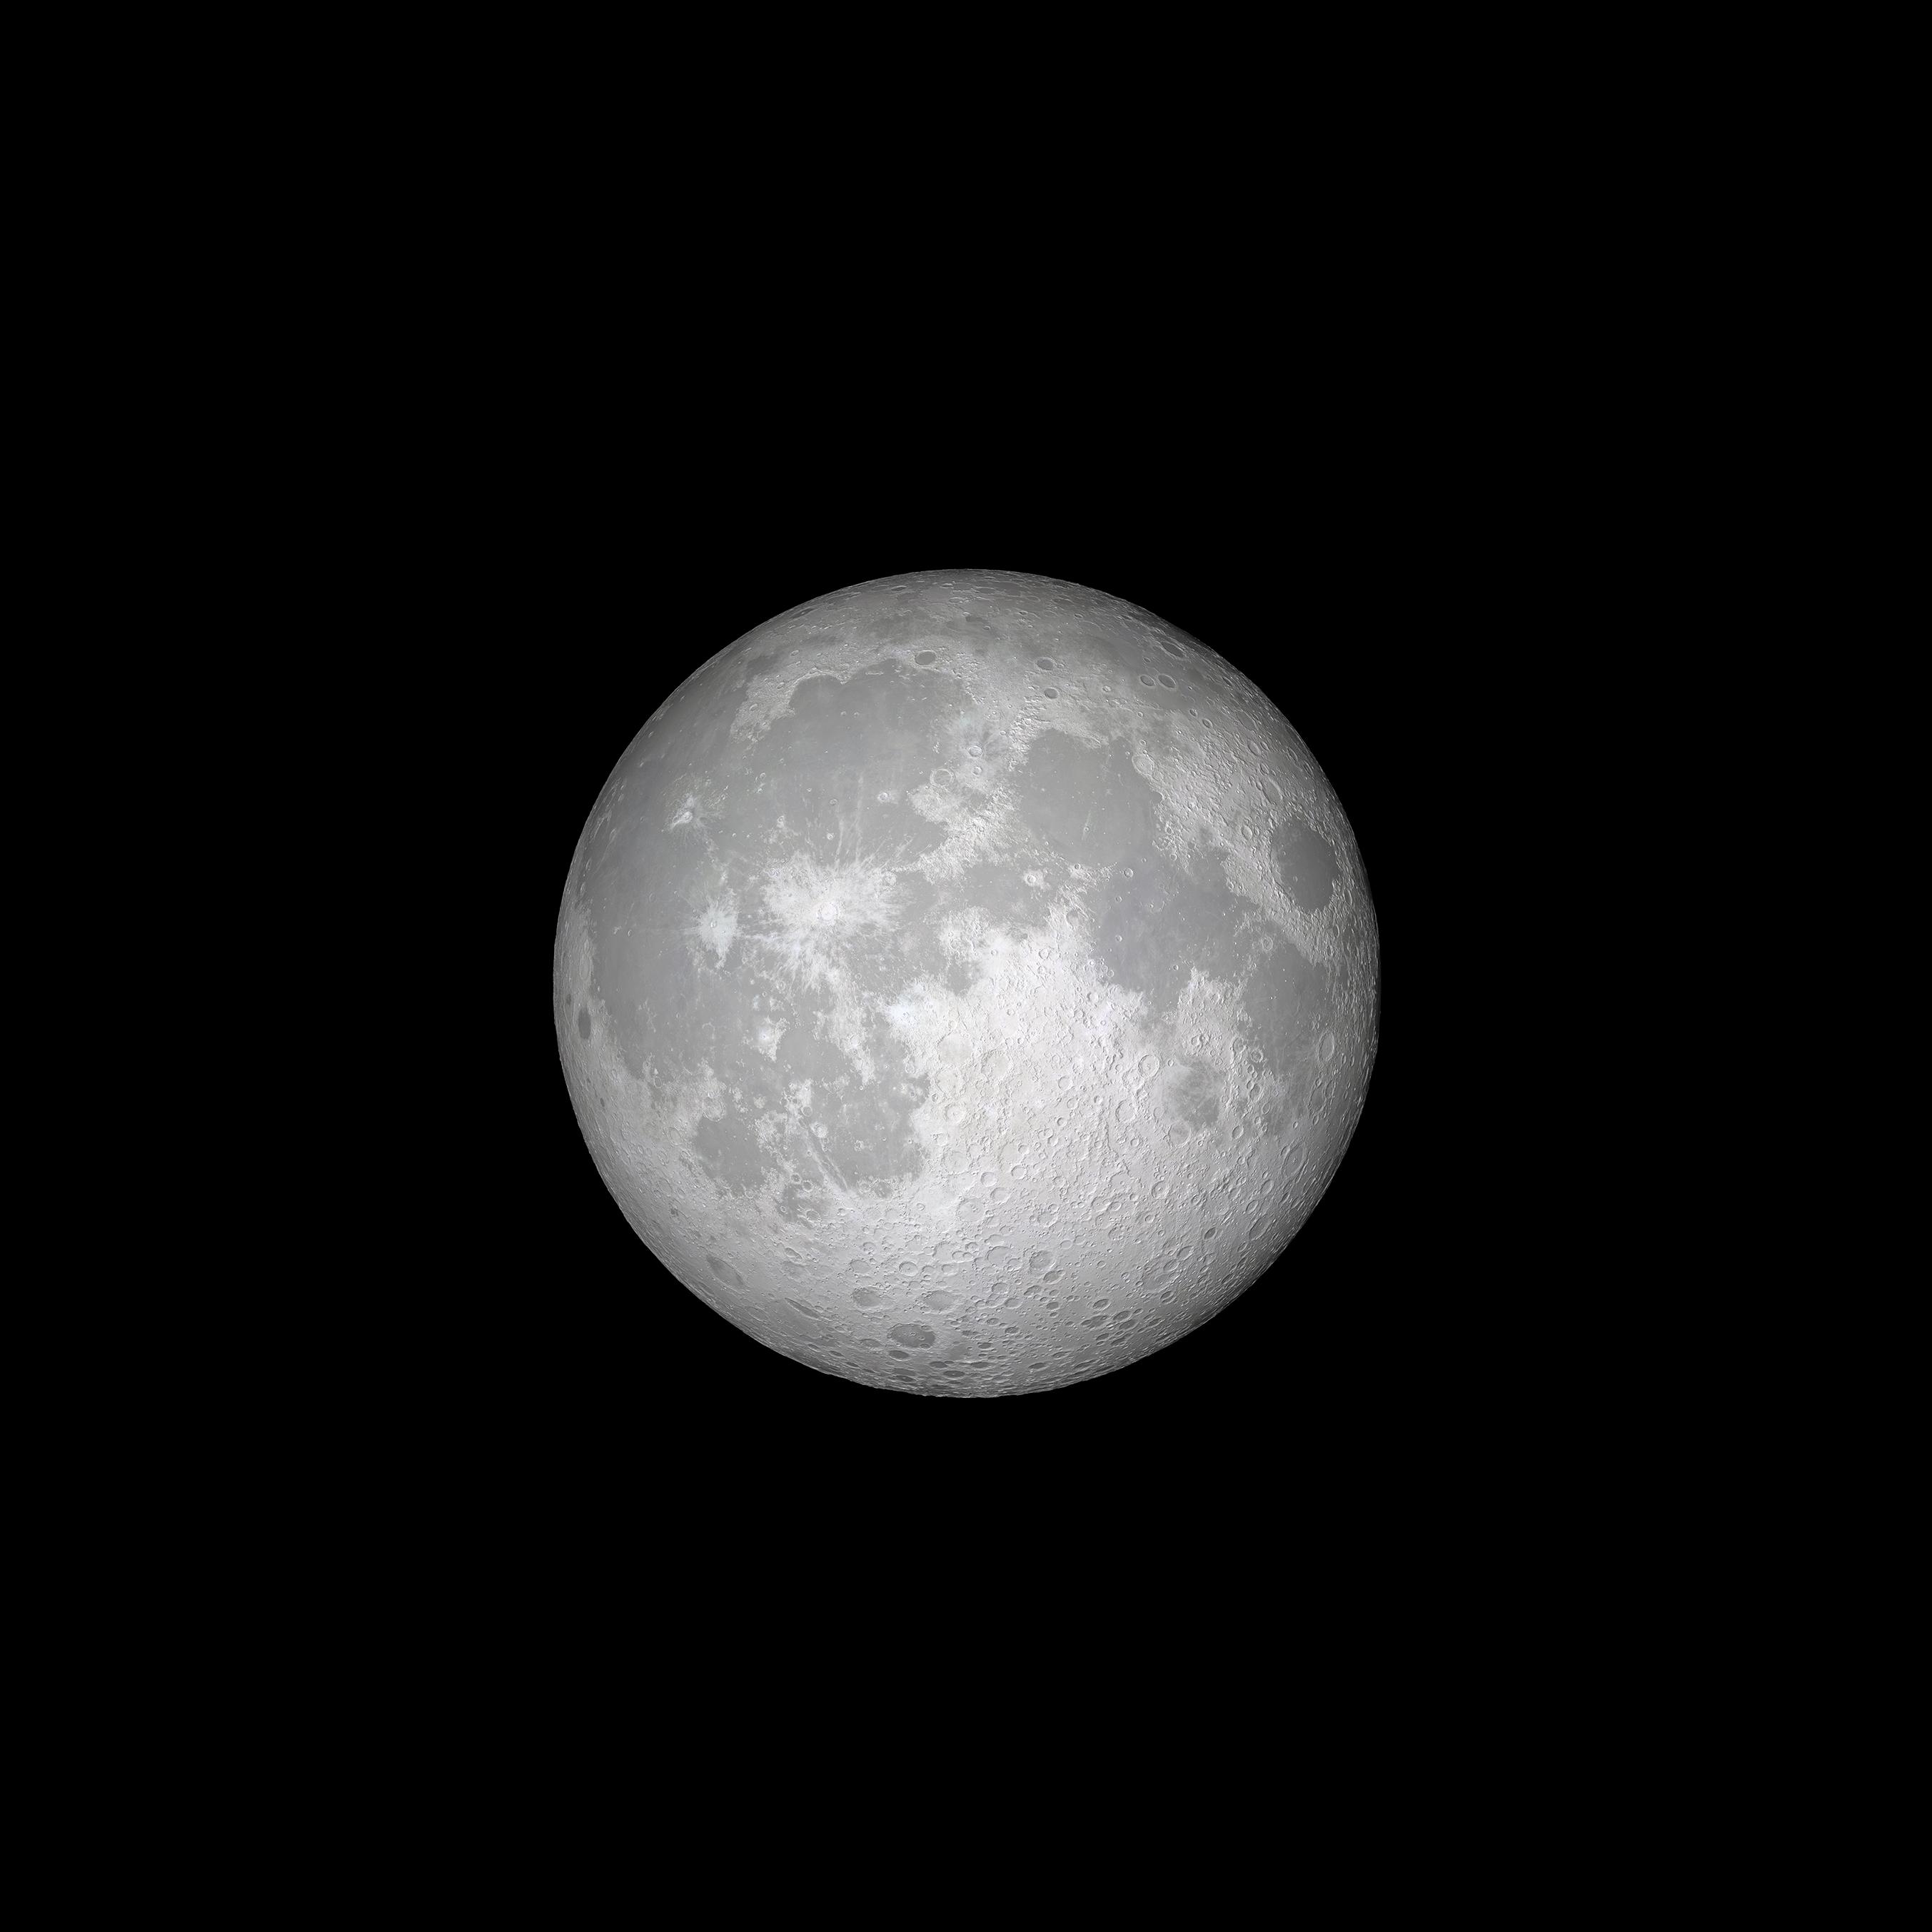 Moon iOS 11 GM iPhone wallpapers - Trọn bộ hình nền mới của iOS 11